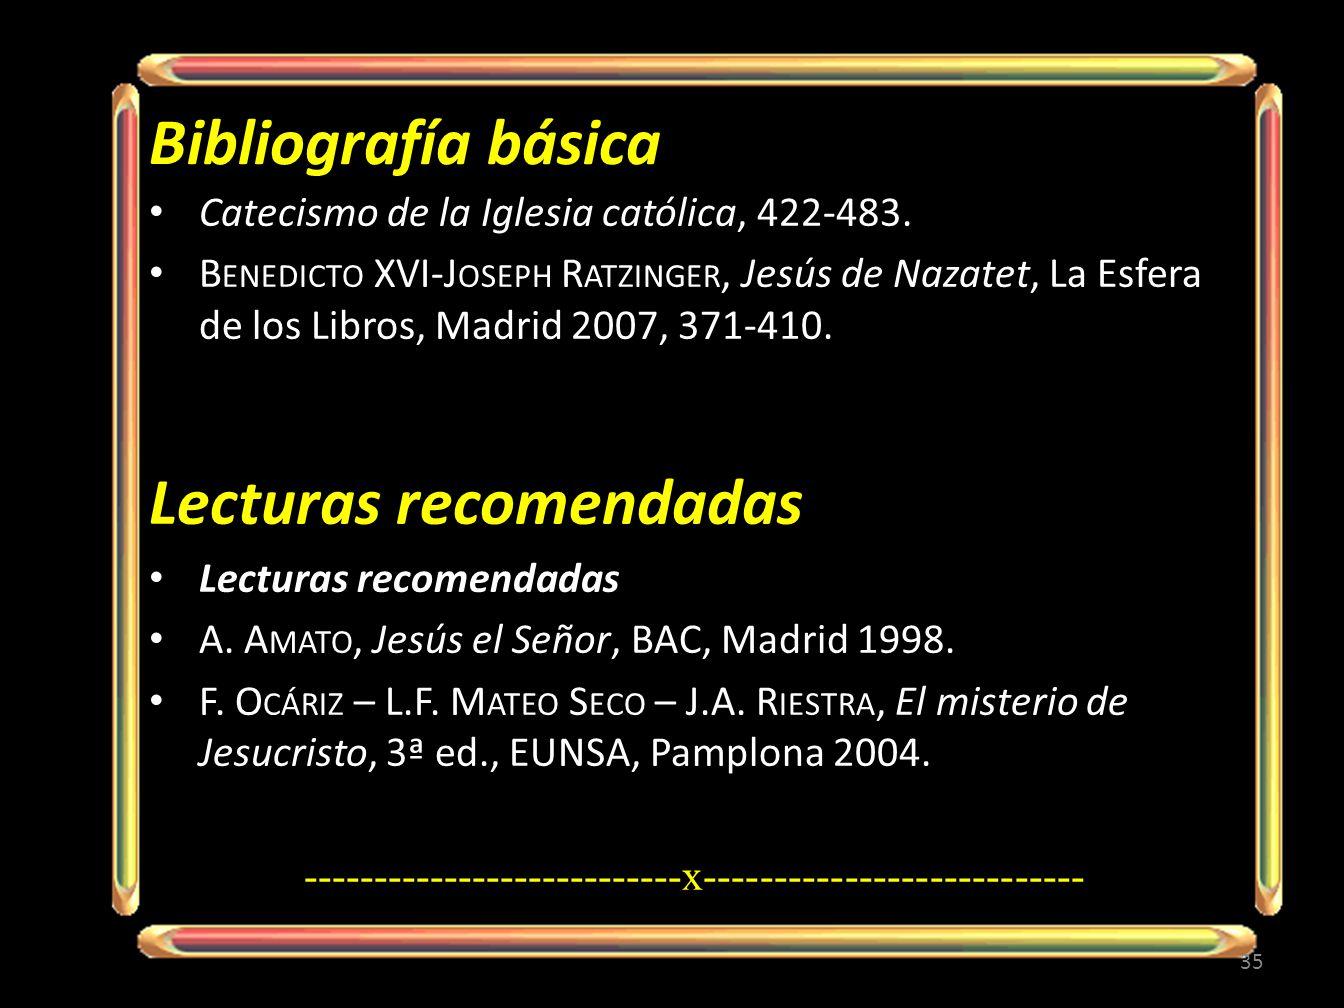 Bibliografía básica Catecismo de la Iglesia católica, 422-483.